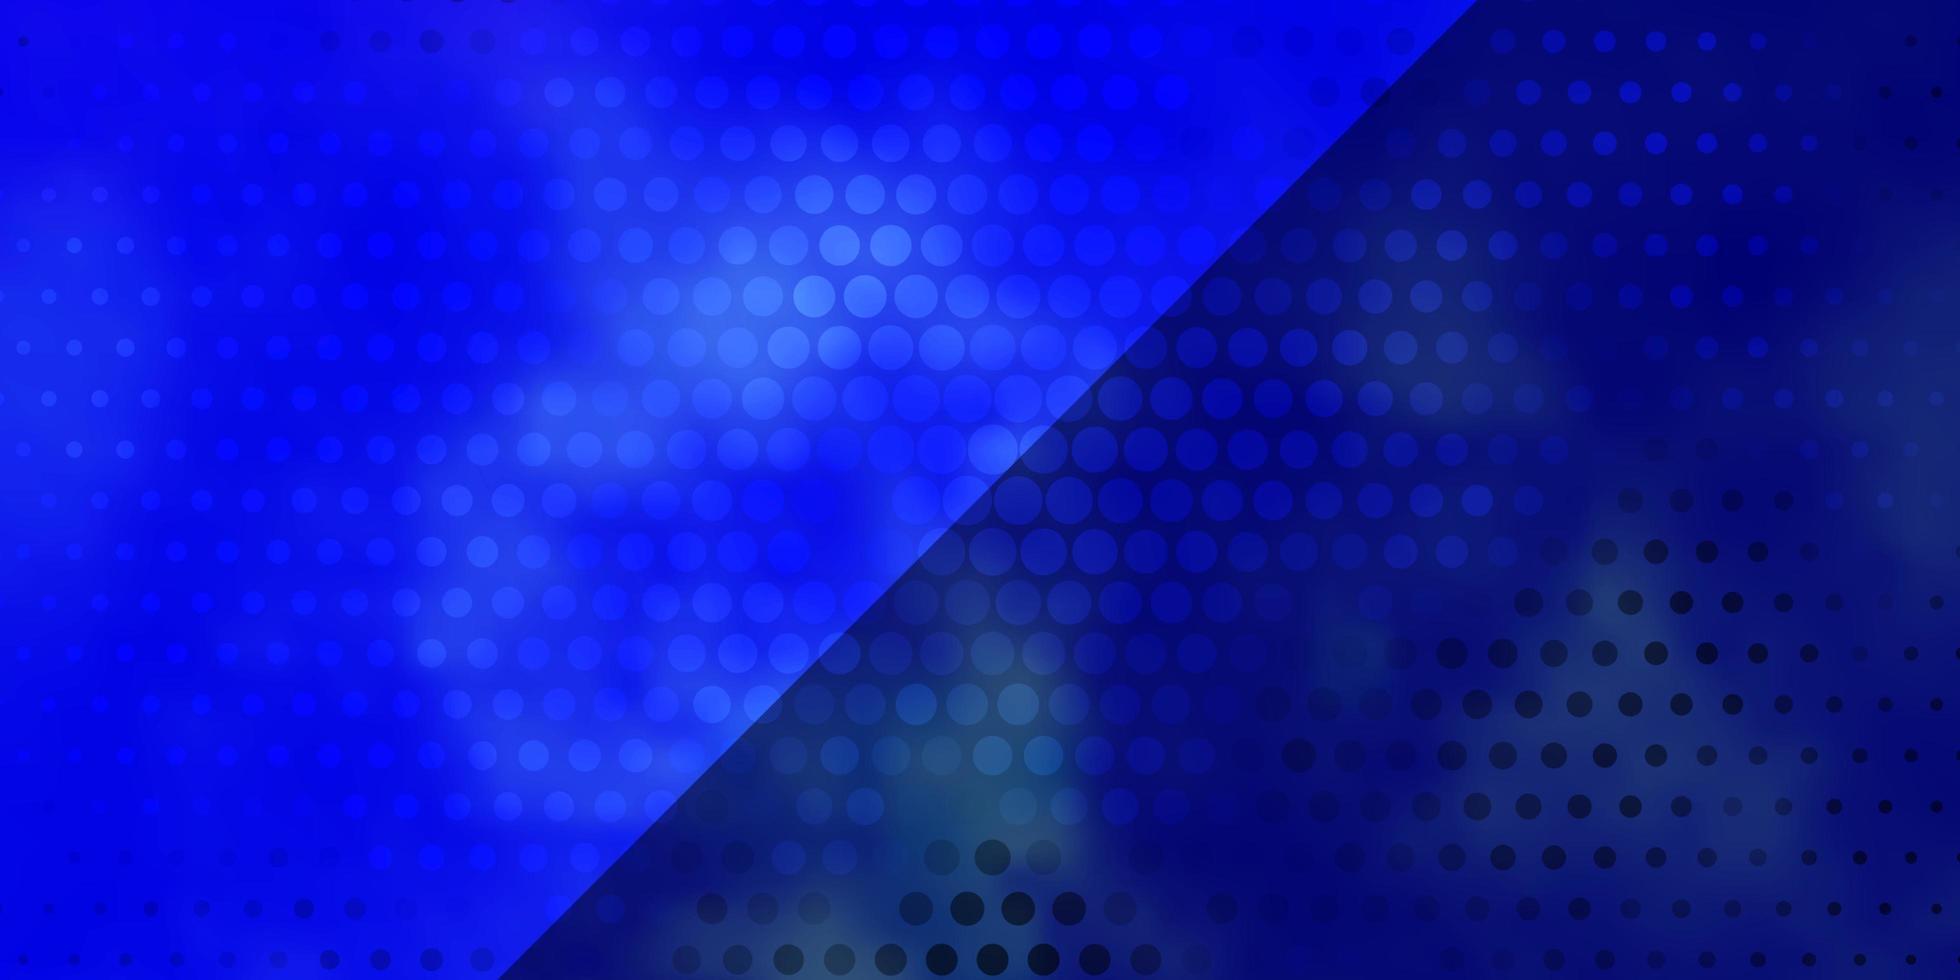 layout vettoriale blu scuro con cerchi.